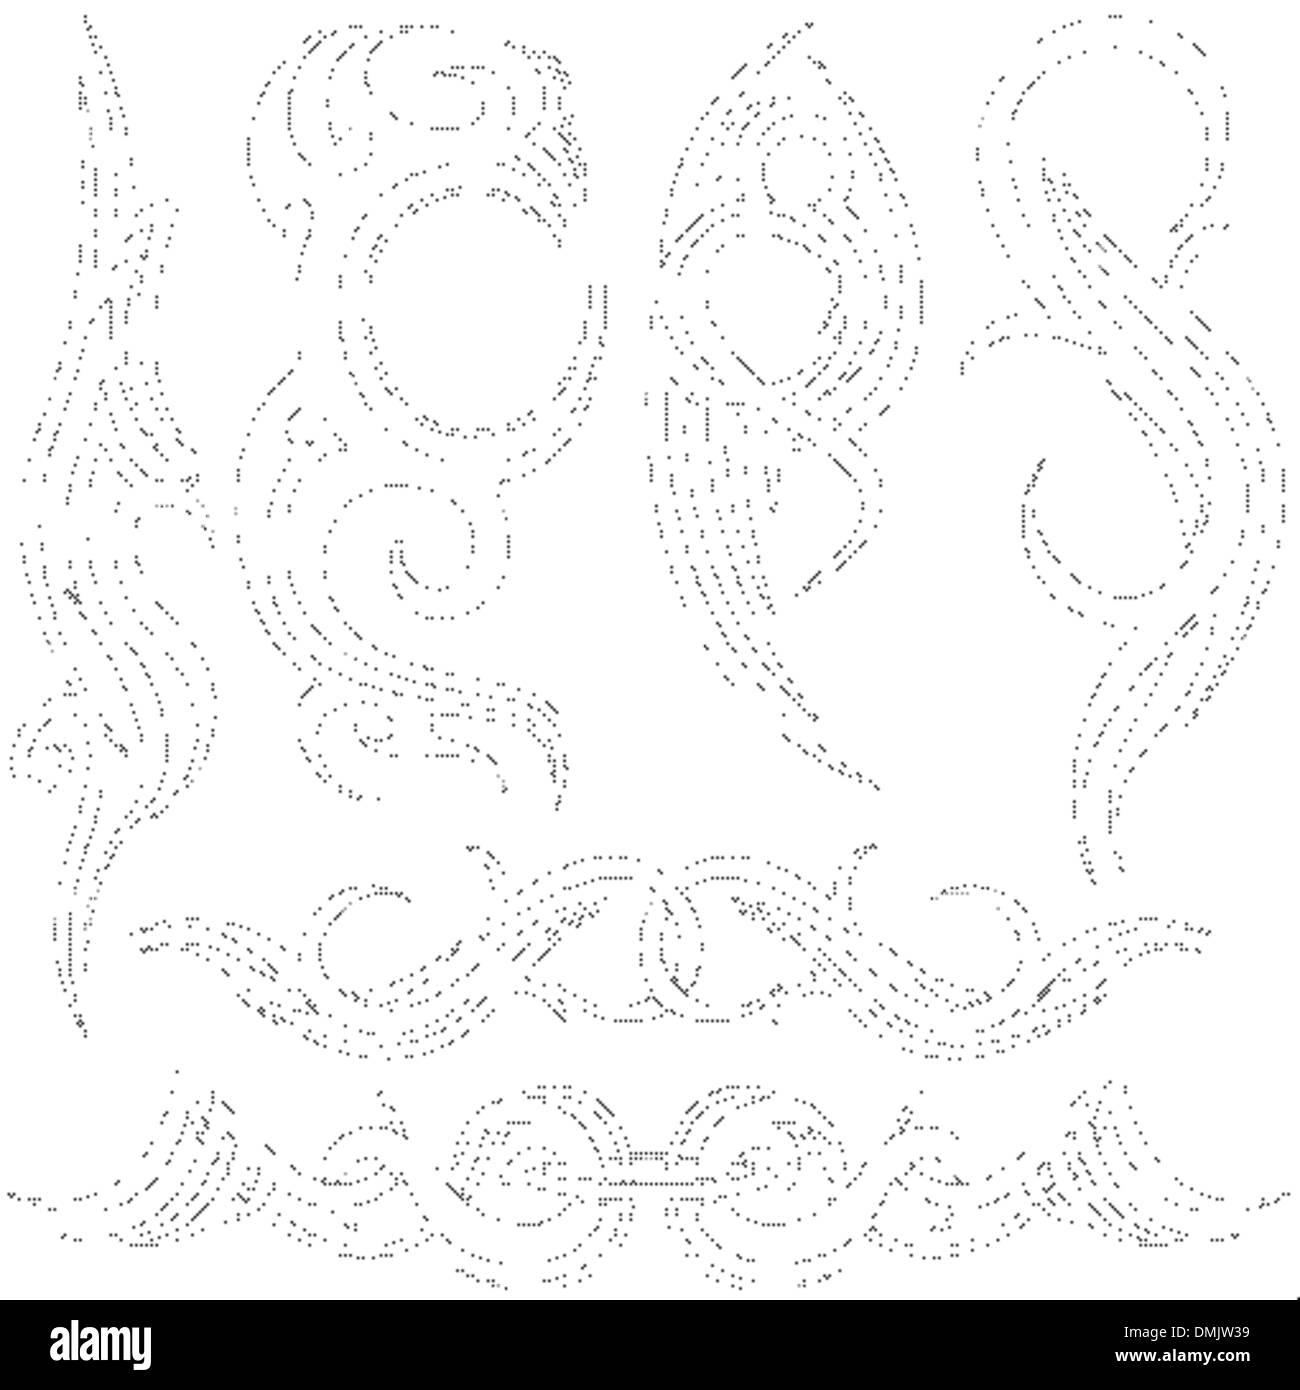 Tribal Tattoos Stock Vector Art & Illustration, Vector Image